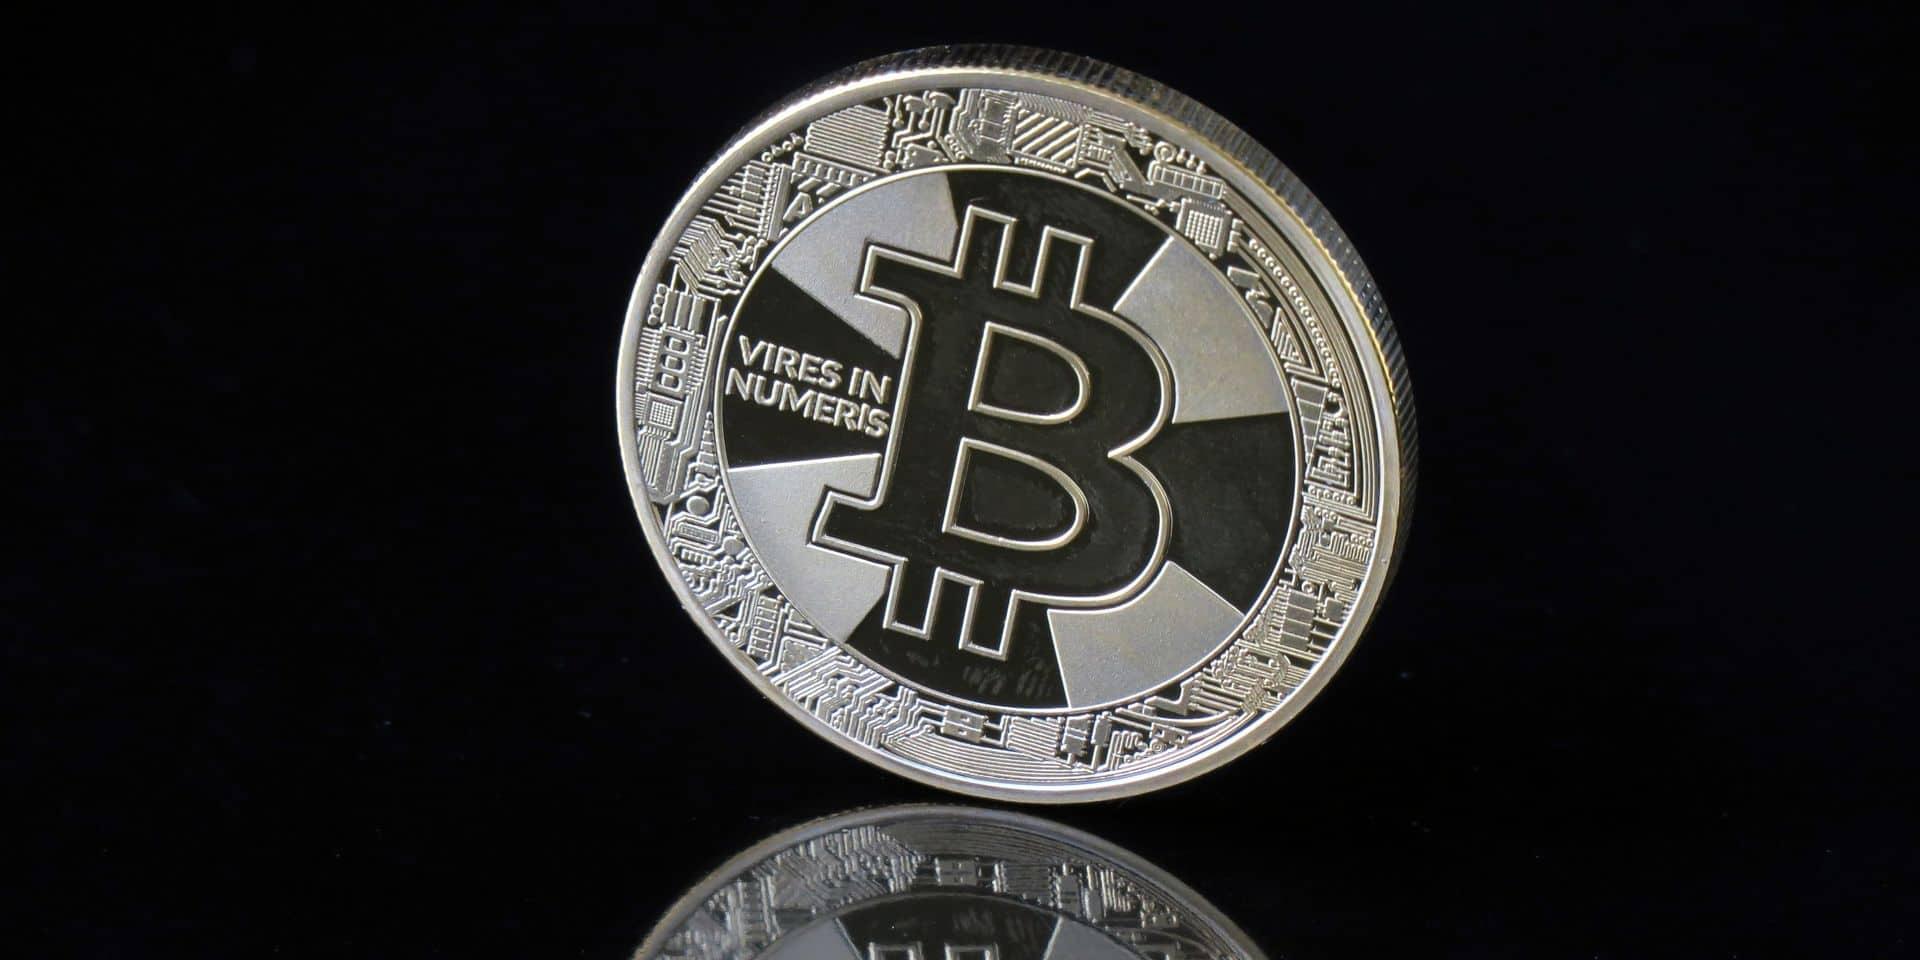 Paypal lance un service de vente de cryptomonnaies, le cours du bitcoin décolle